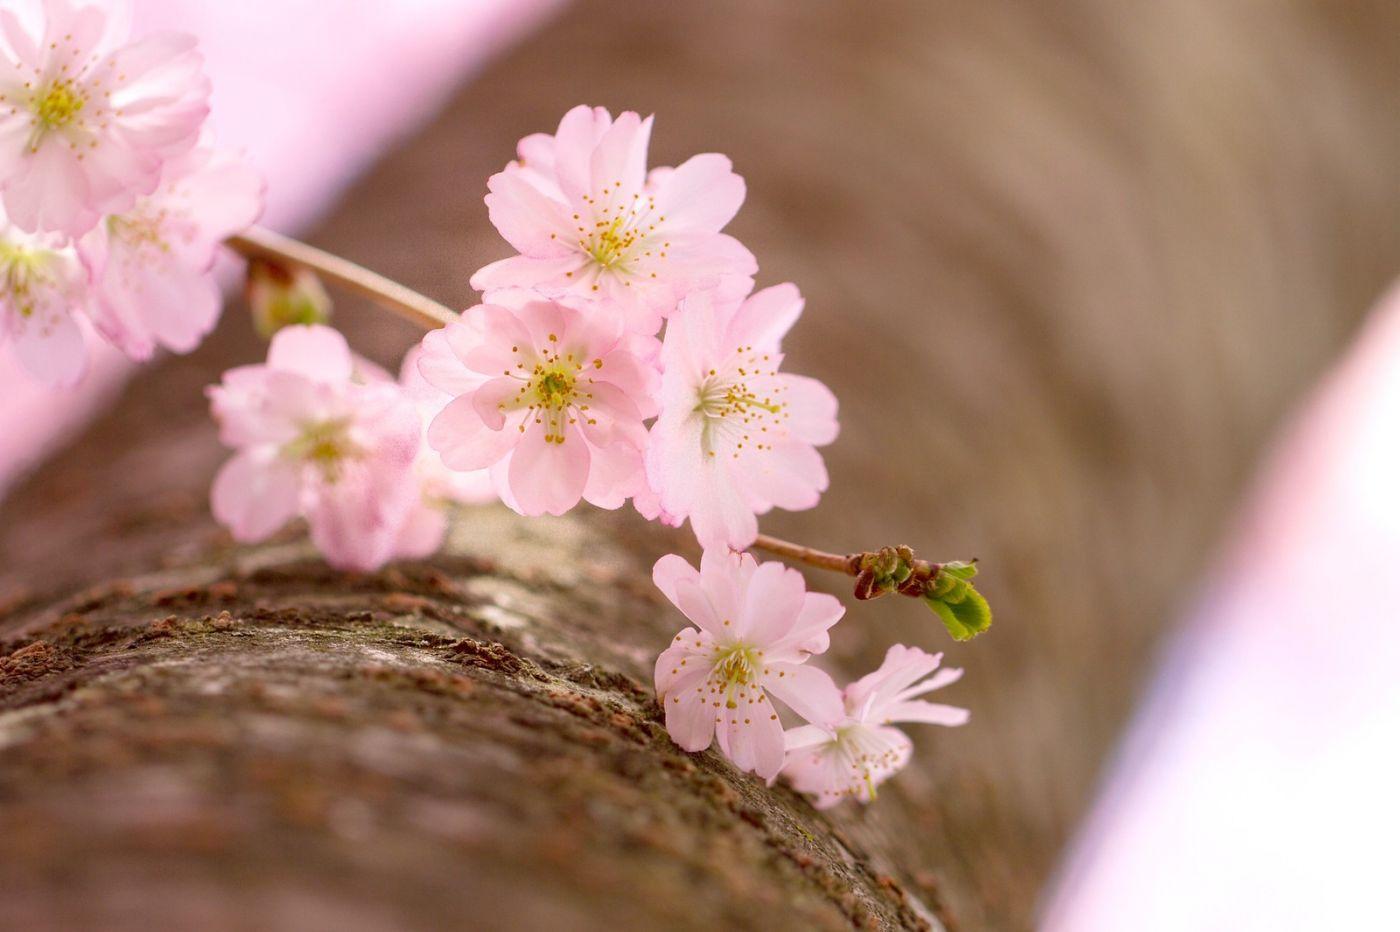 粉红的水嫩的,好看极了_图1-16